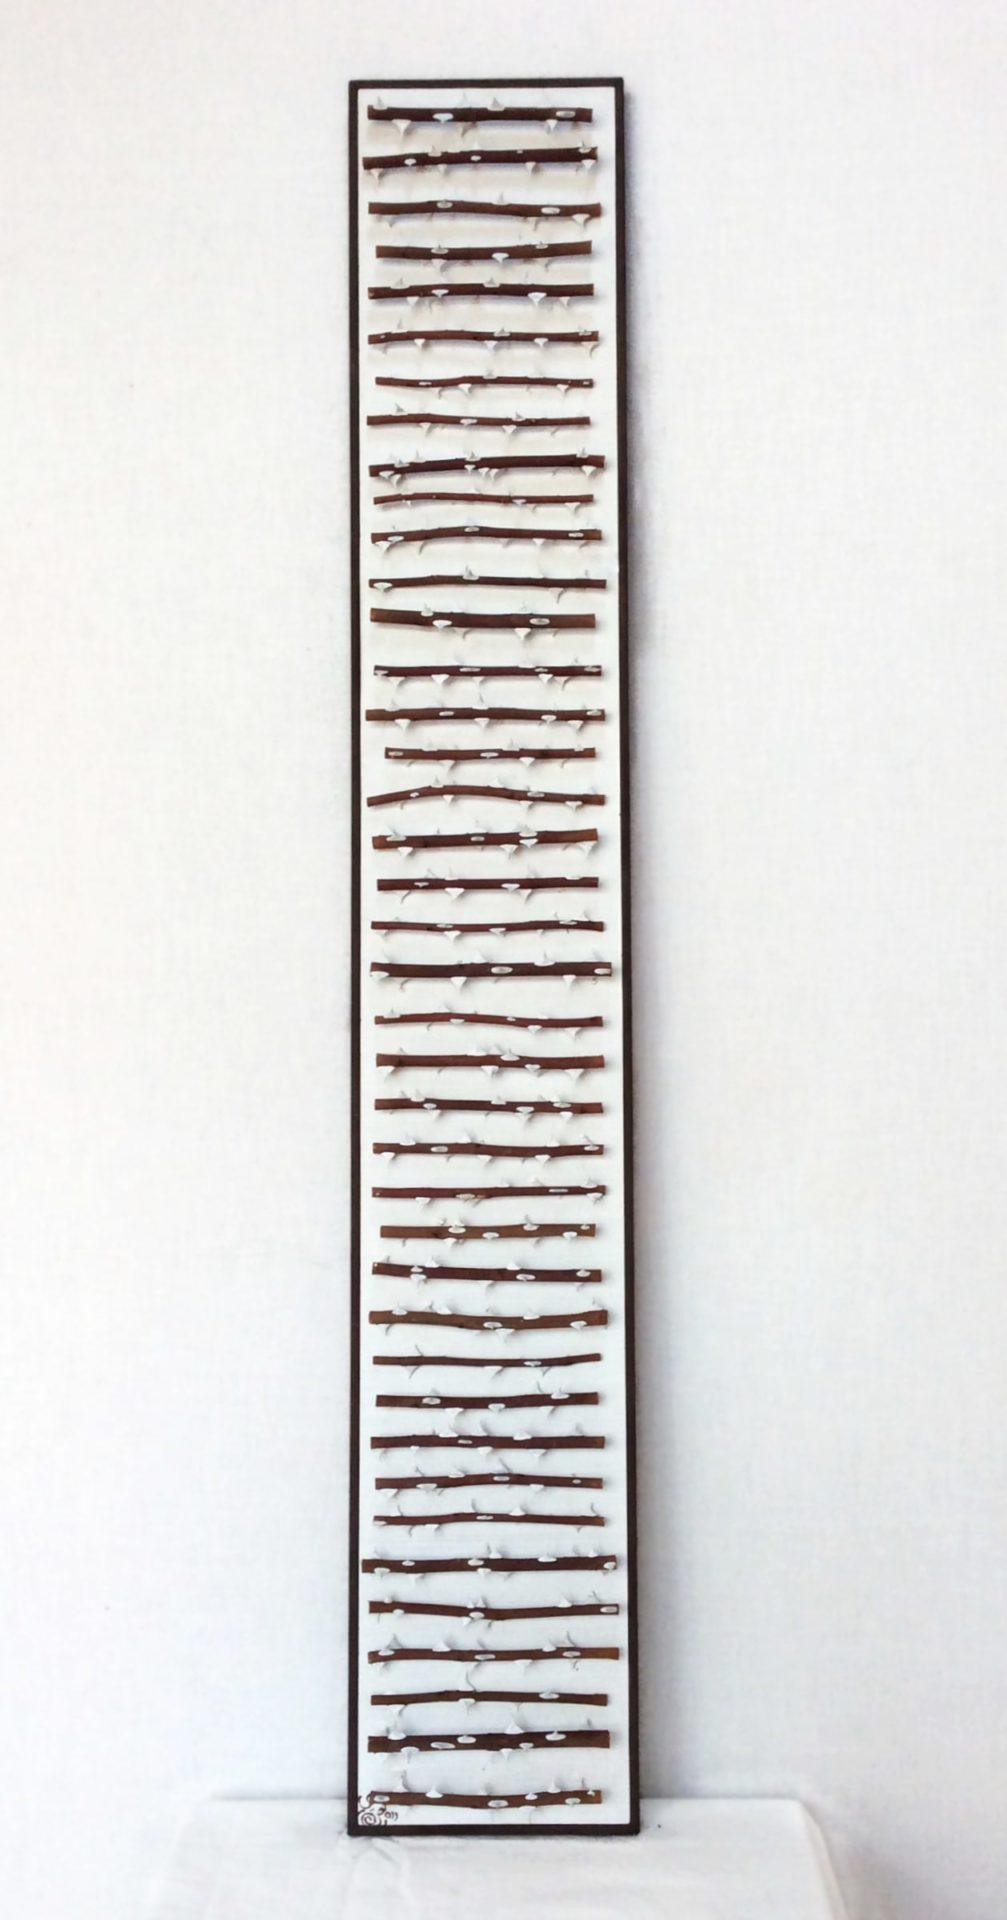 Bild 1,00 x 0,16 m Rosenästchen / weiße Dornen (2016)